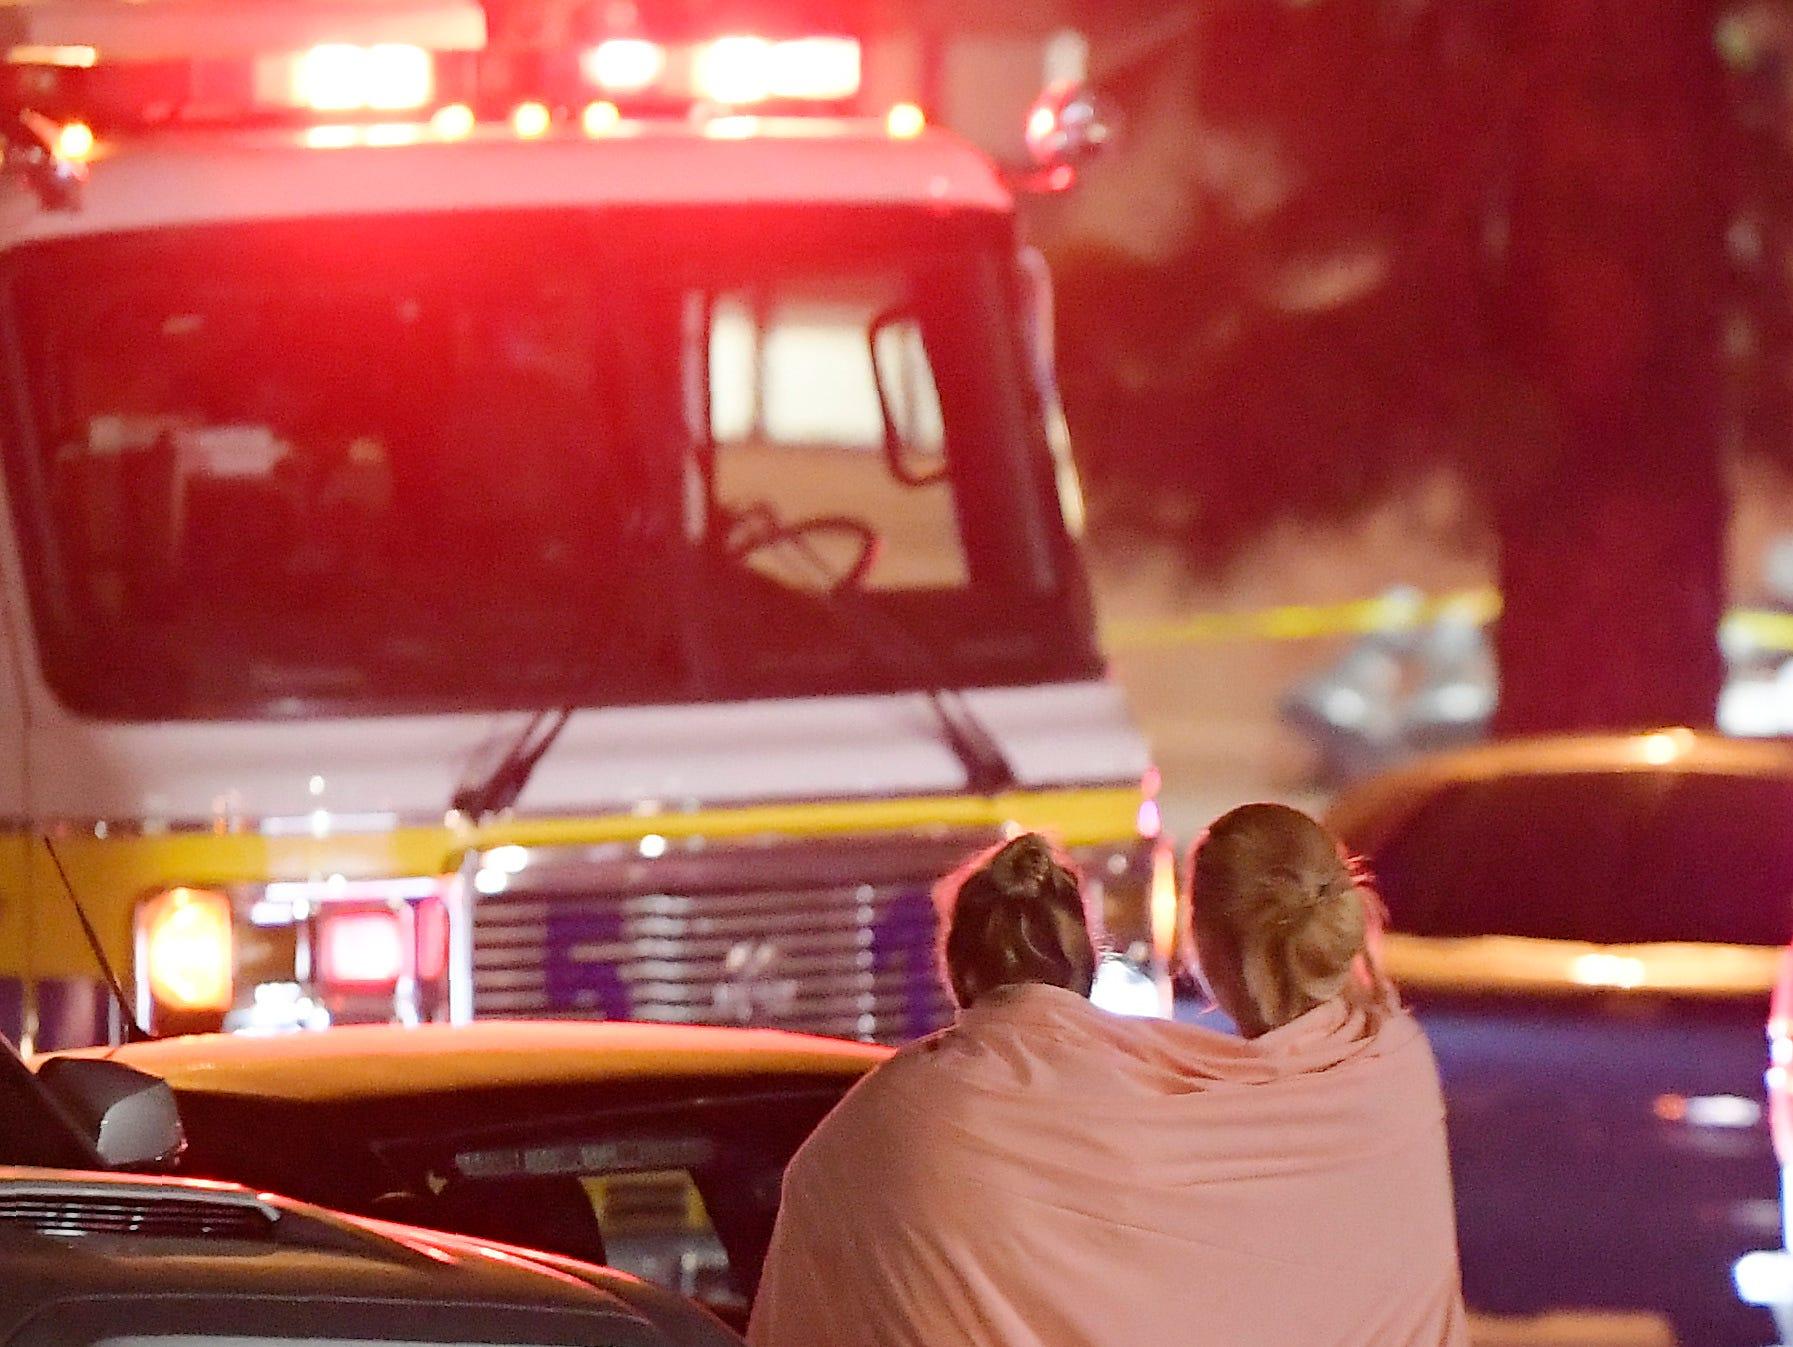 """Usando una bomba de humo y una pistola, un exsoldado de la infantería de Marina de Estados Unidos abrió fuego contra una multitud que celebraba una """"noche universitaria"""" en un bar de música country en el sur de California, matando a 12 personas y haciendo que cientos huyeran despavoridos, informaron las autoridades el jueves. Al parecer el agresor, vestido de negro y con una capucha, se suicidó. 8 de noviembre, 2018"""